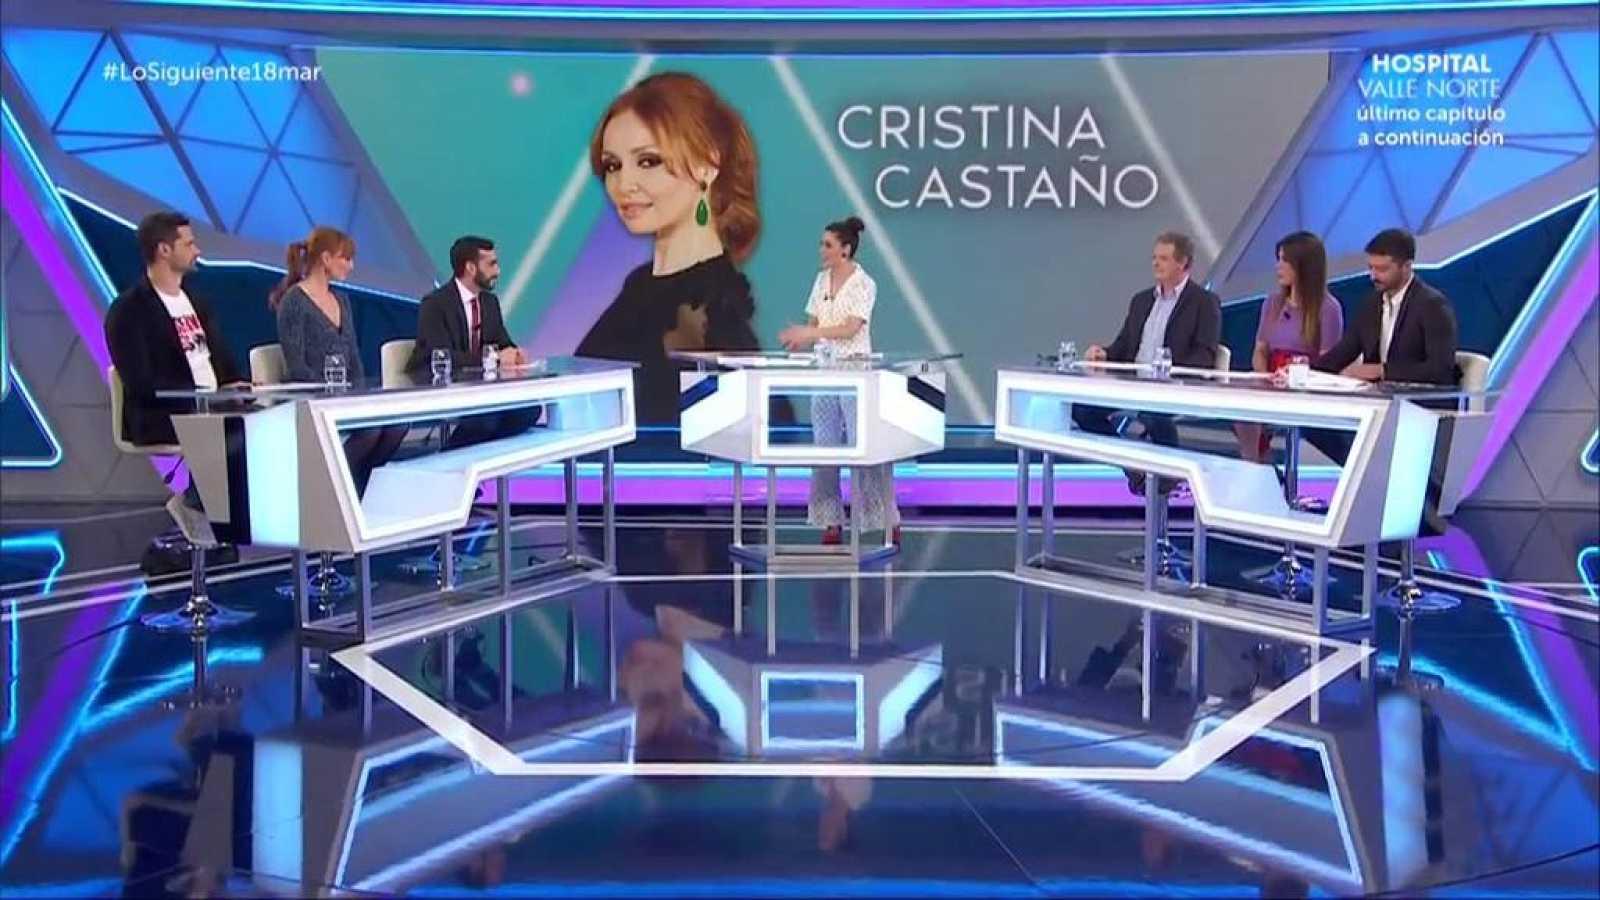 Lo siguiente - Cristina Castaño - 18/03/19 - ver ahora